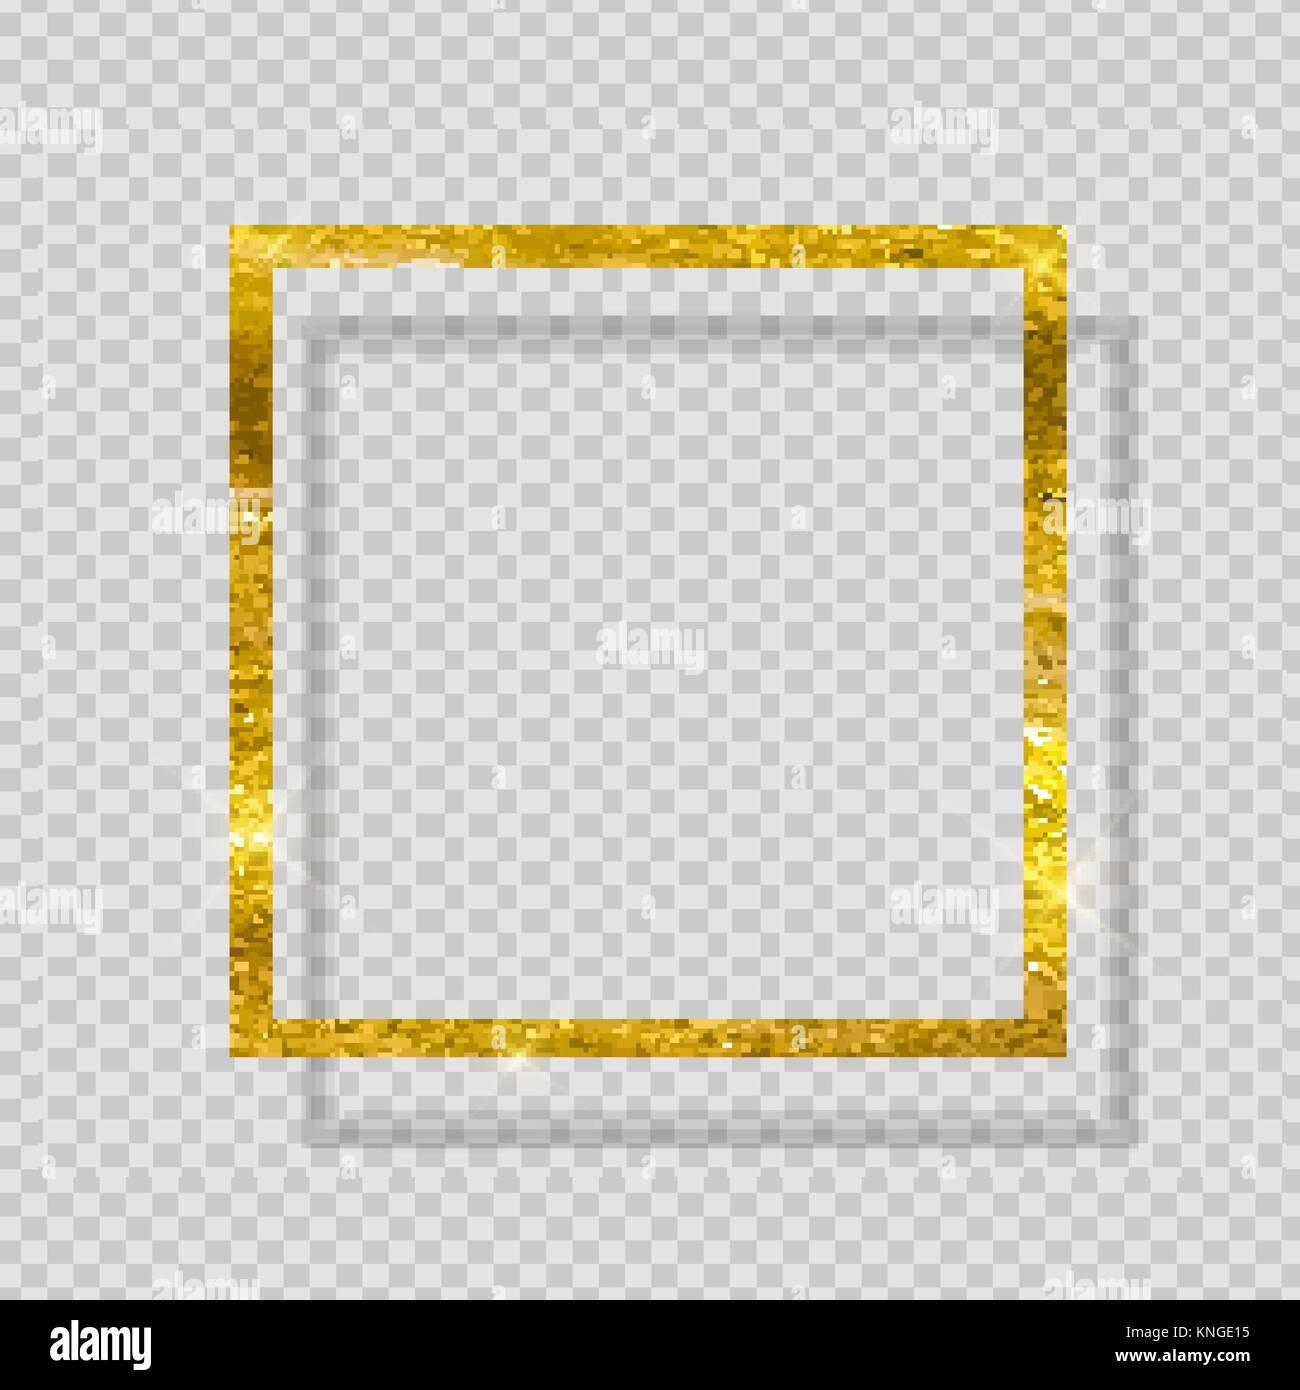 Gold Farbe glitzernden Strukturierten Rahmen auf Transparenten ...